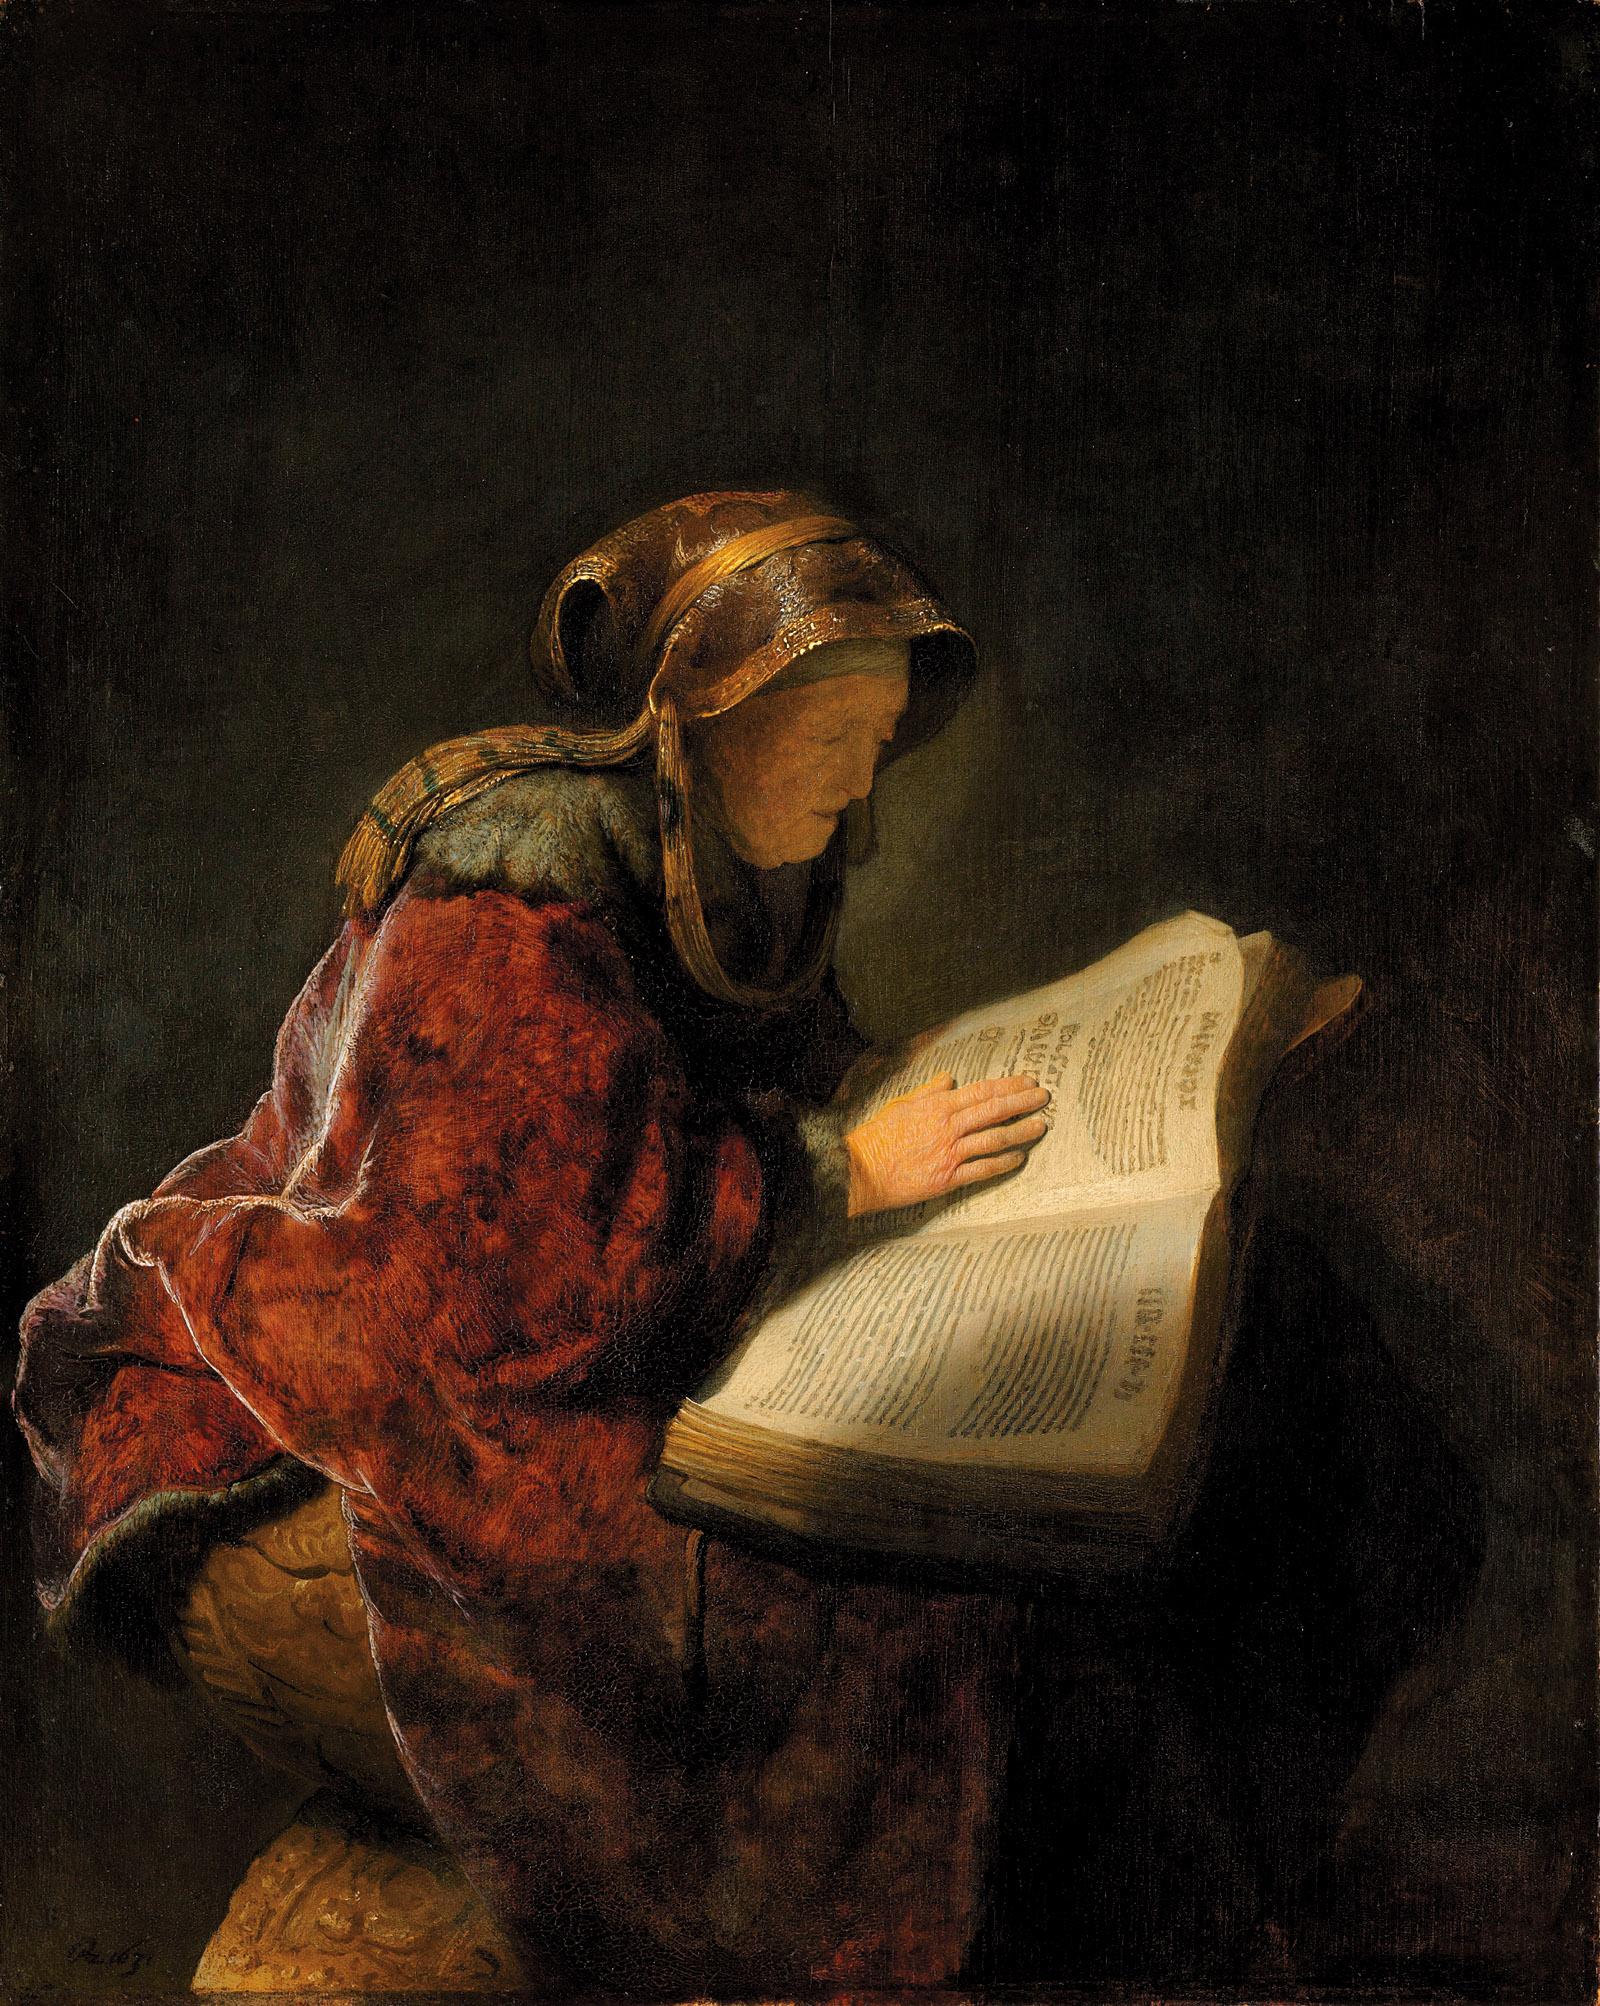 Rembrandt van Rijn's Old Woman Reading, 1631